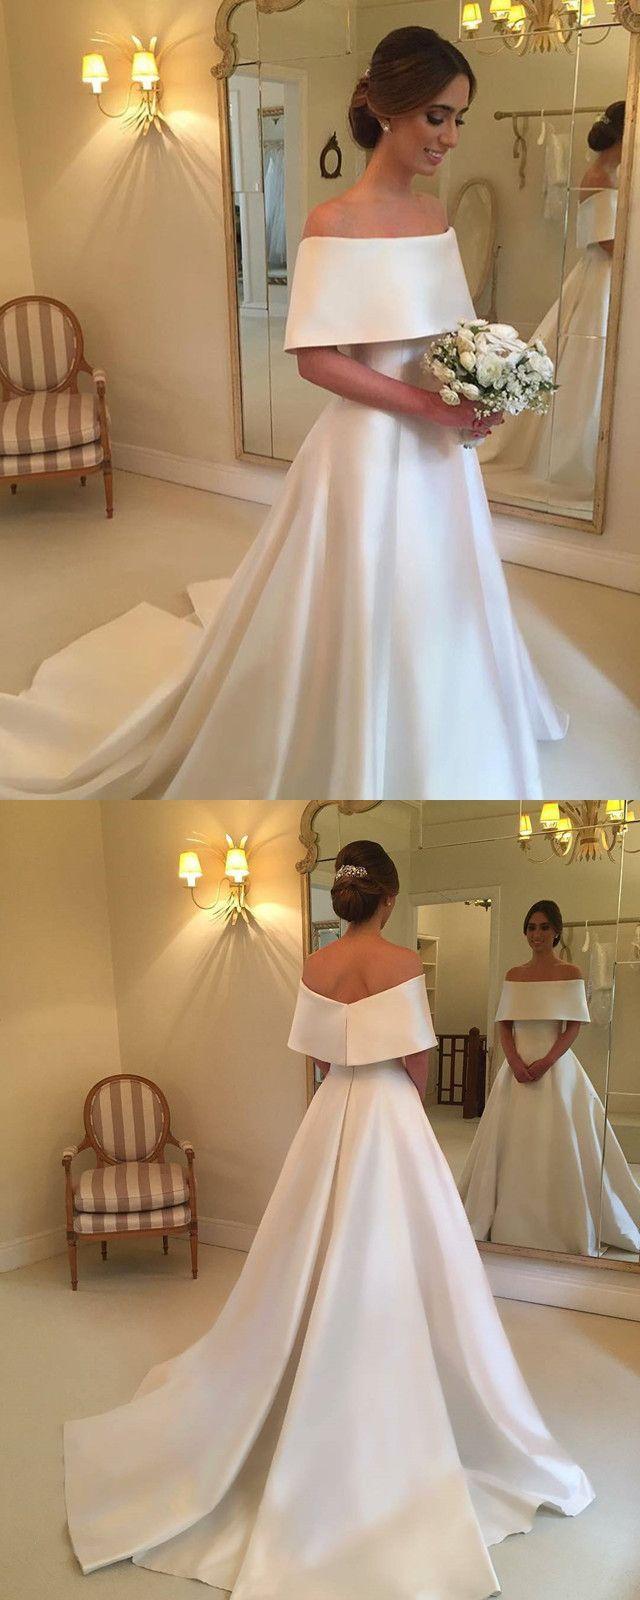 Vintage Satin Off-the-shoulder Wedding Dresses 2018 New Arrival Bridal Gowns #weddingdresses